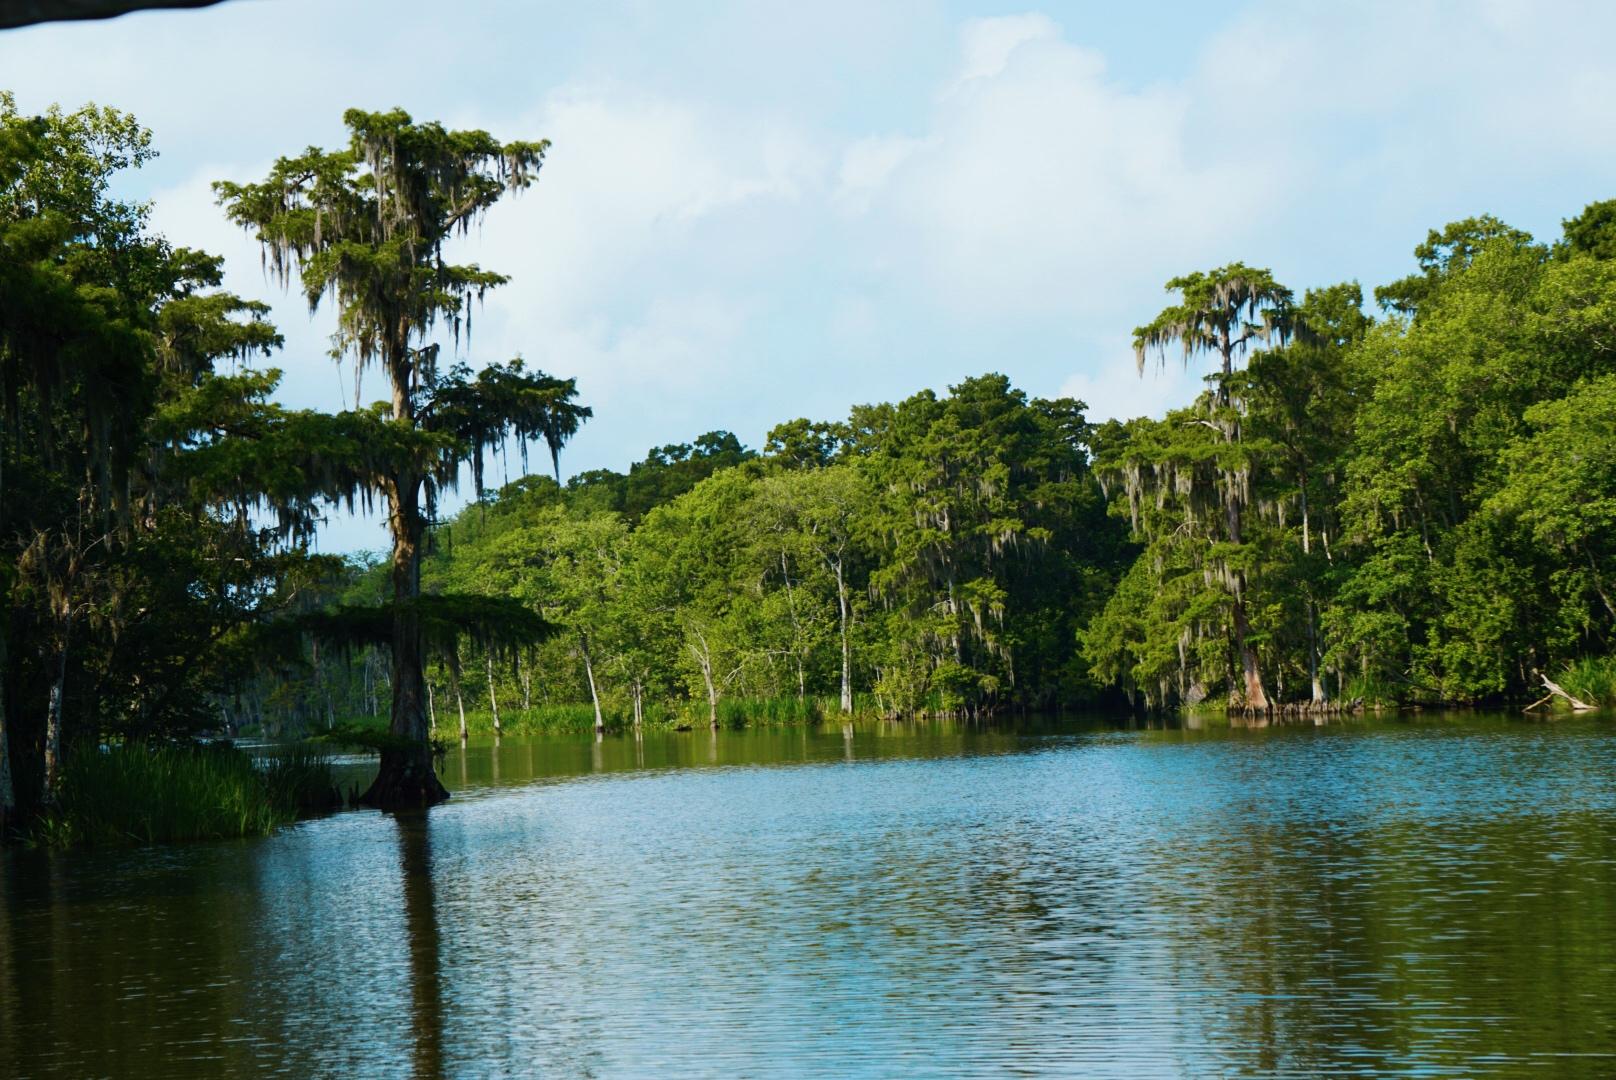 The Bayou